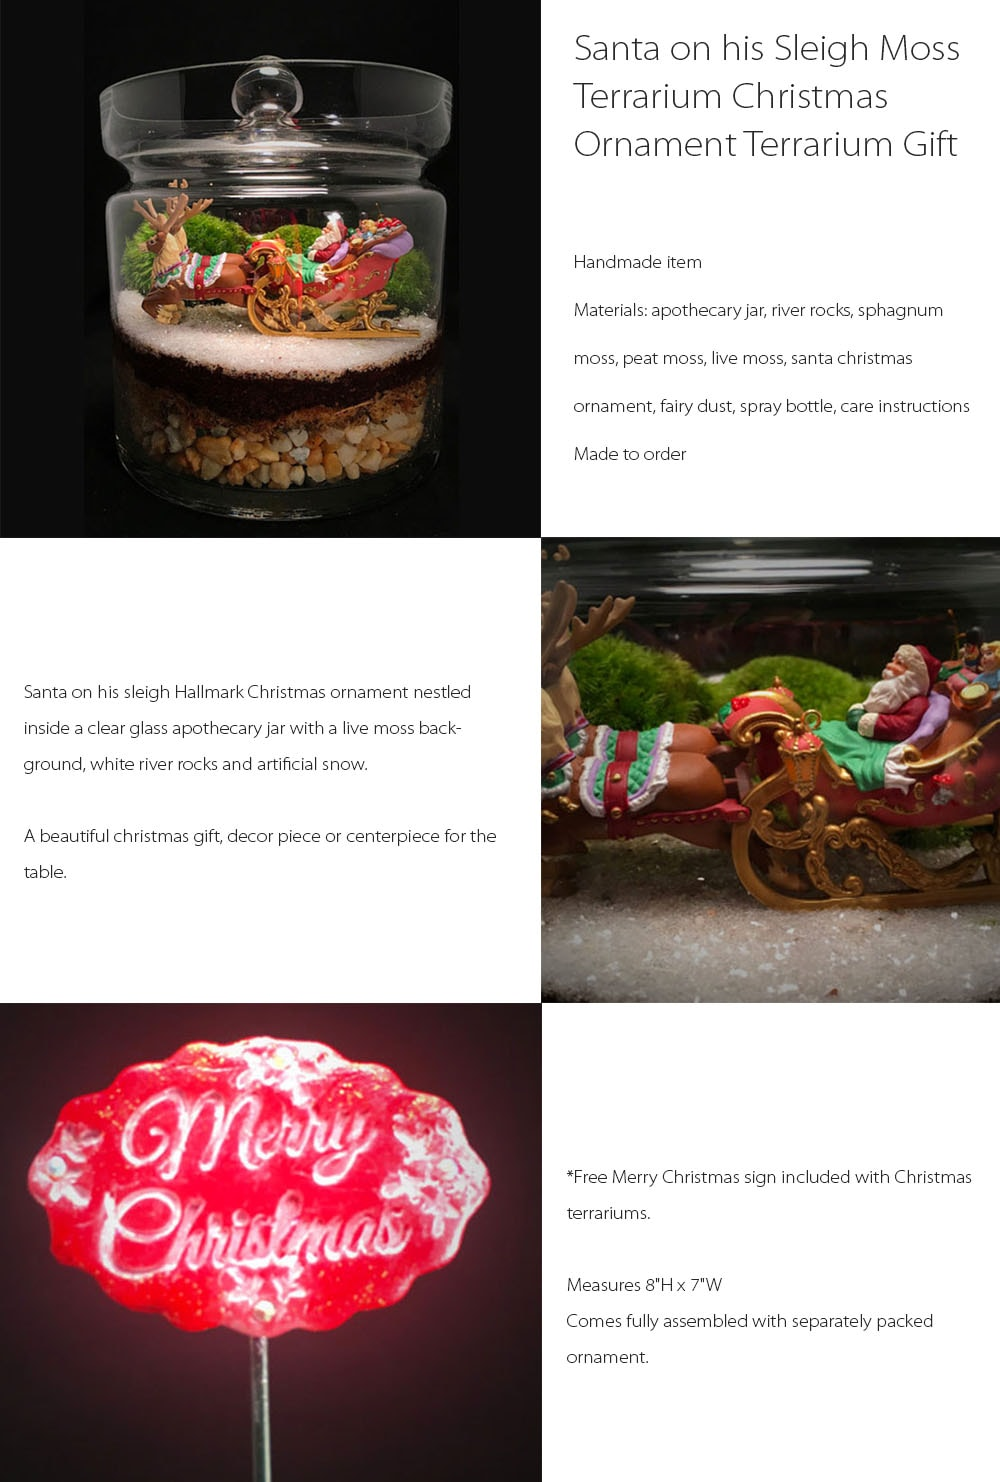 Santa on his Sleigh Moss Terrarium Christmas Ornament Terrarium Gift